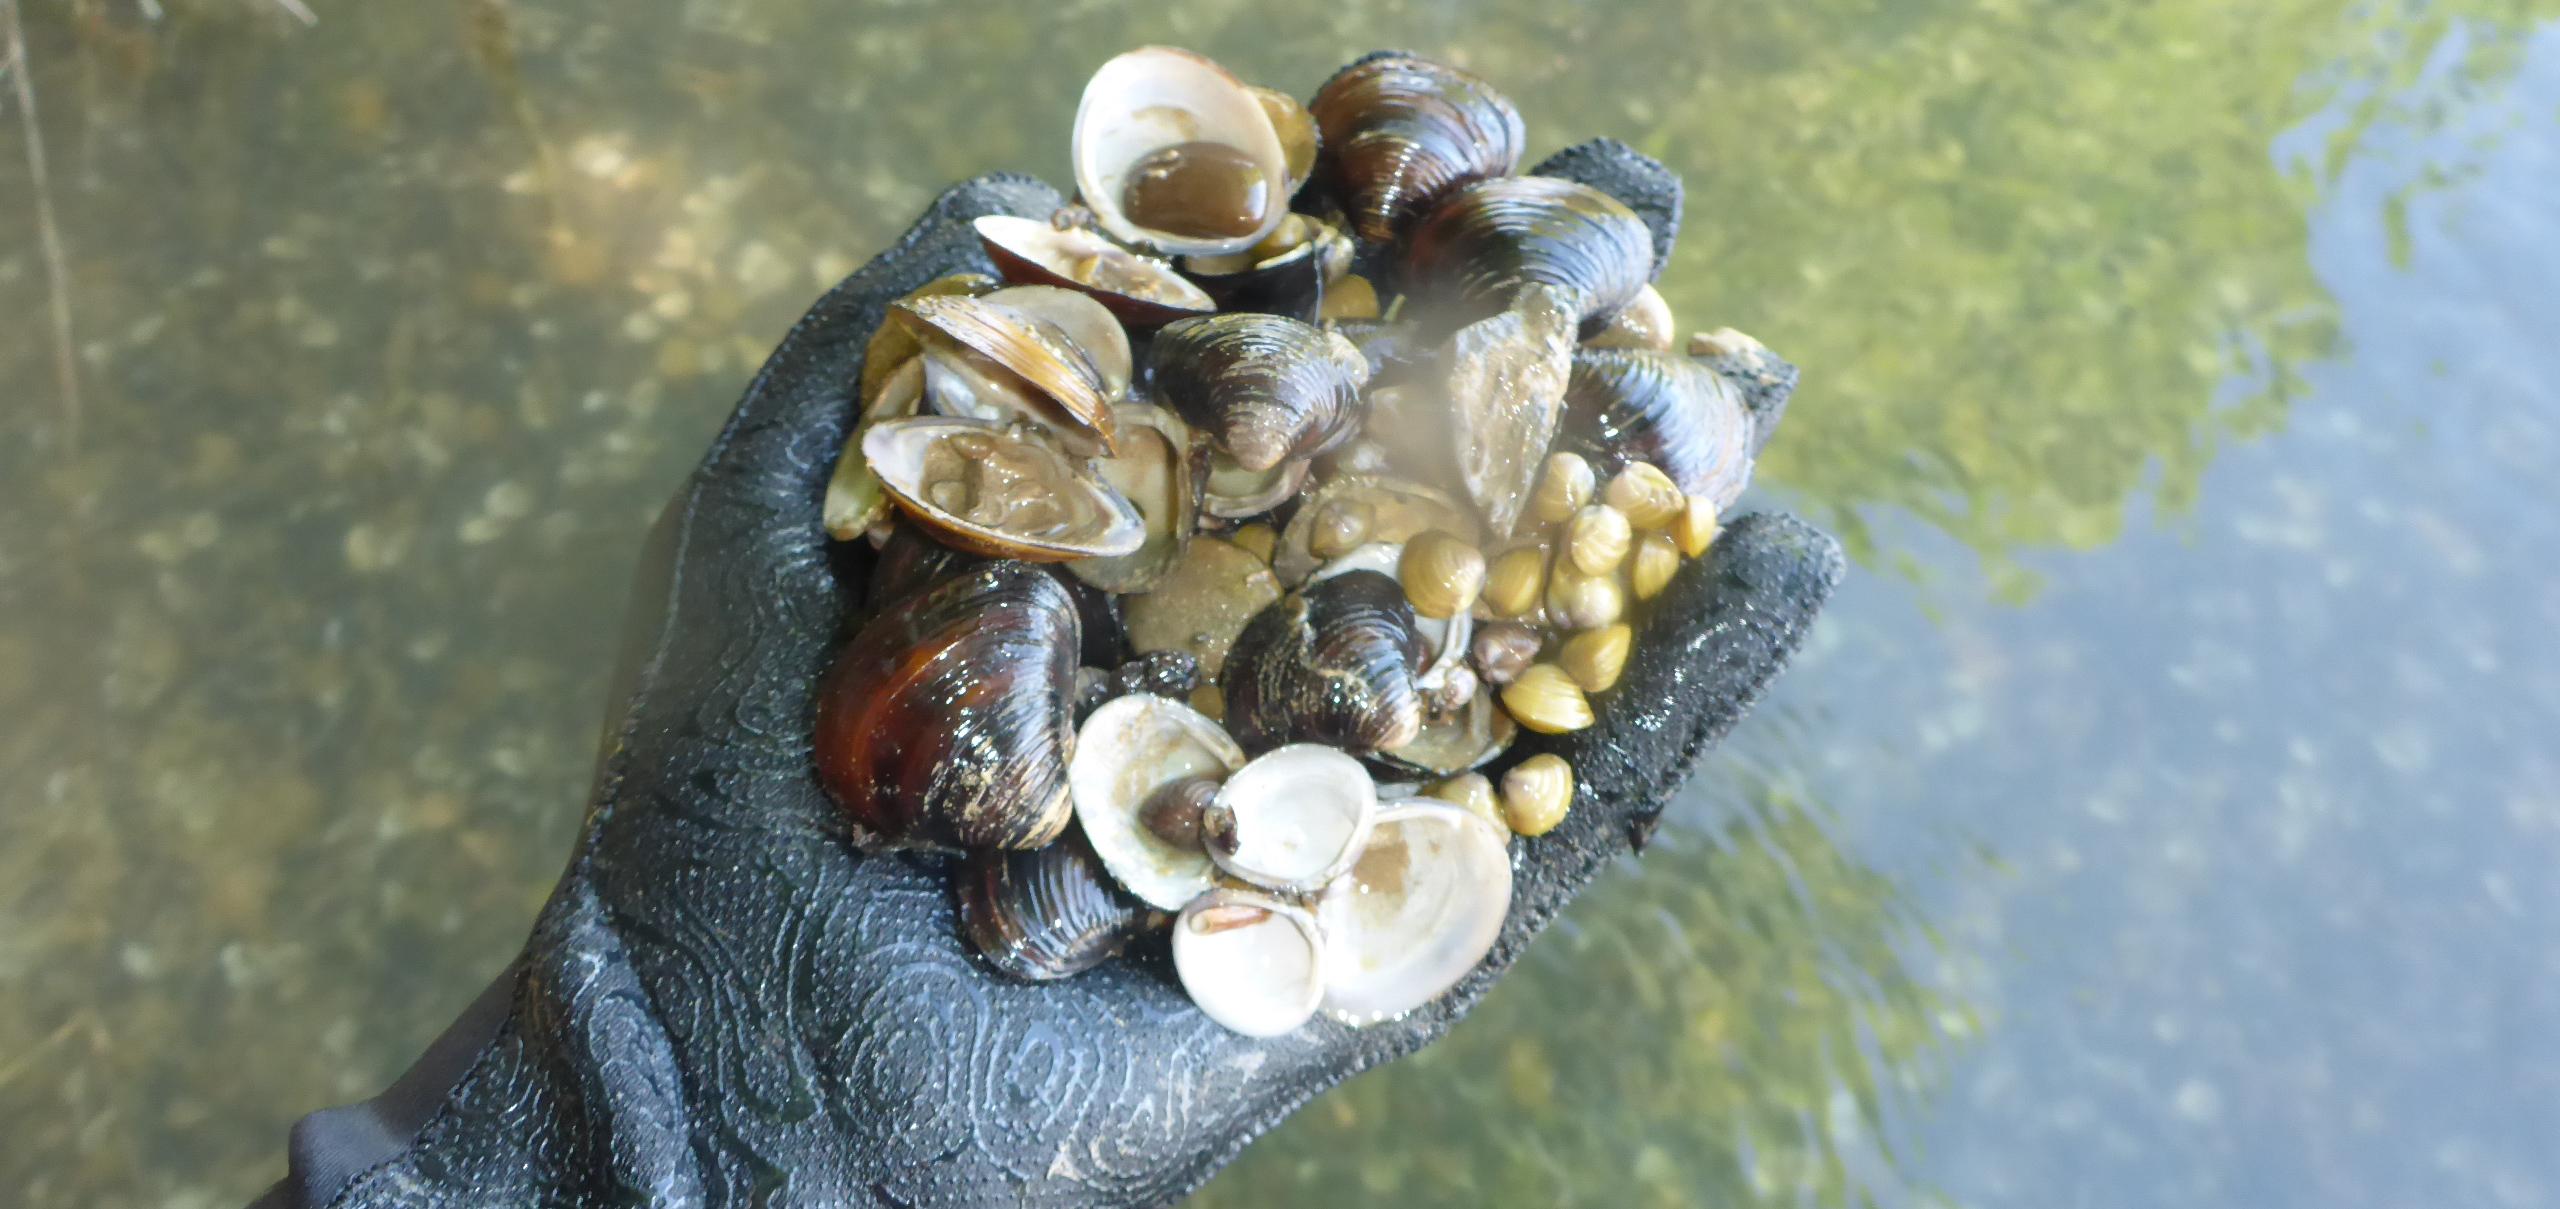 Alta densidad de ejemplares de almeja asiática en el río Ebro a su paso por Novillas (Zaragoza).